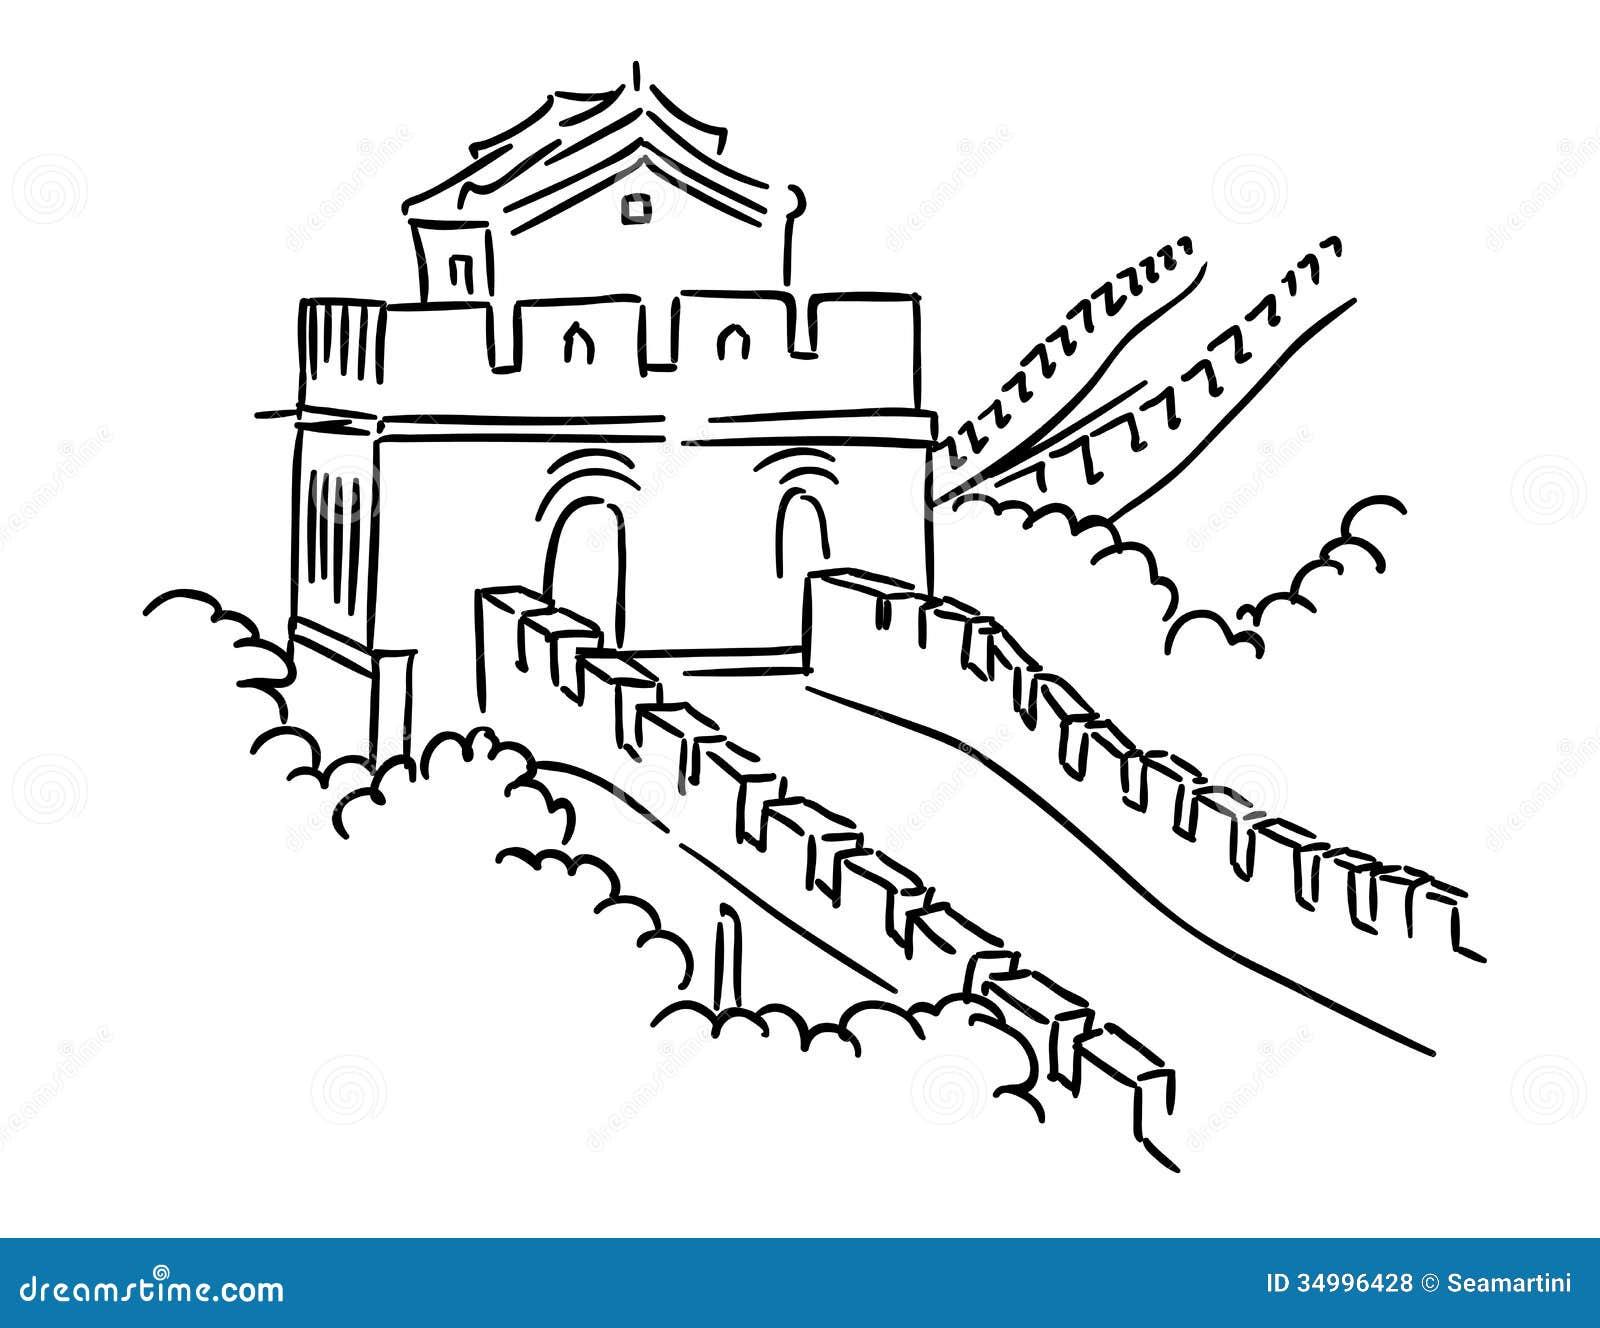 Great Wall Of China Coloring Sheets Coloring Pages Great Wall Of China Coloring Page